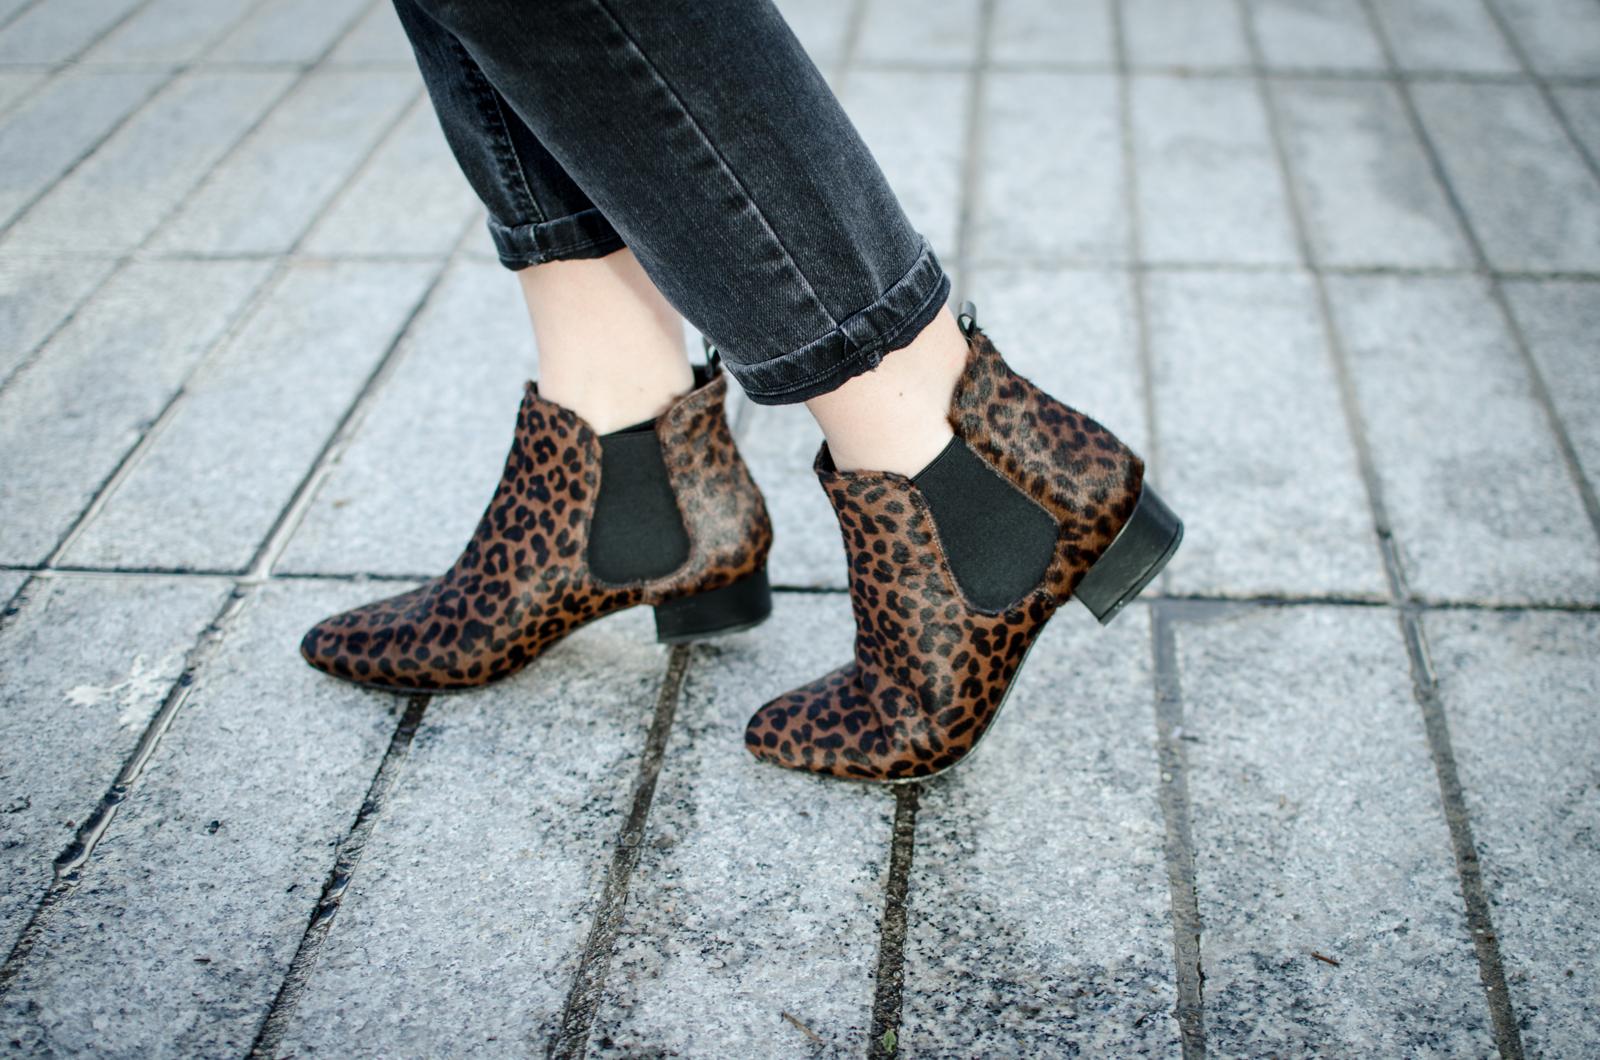 Boots léopard 1.2.3